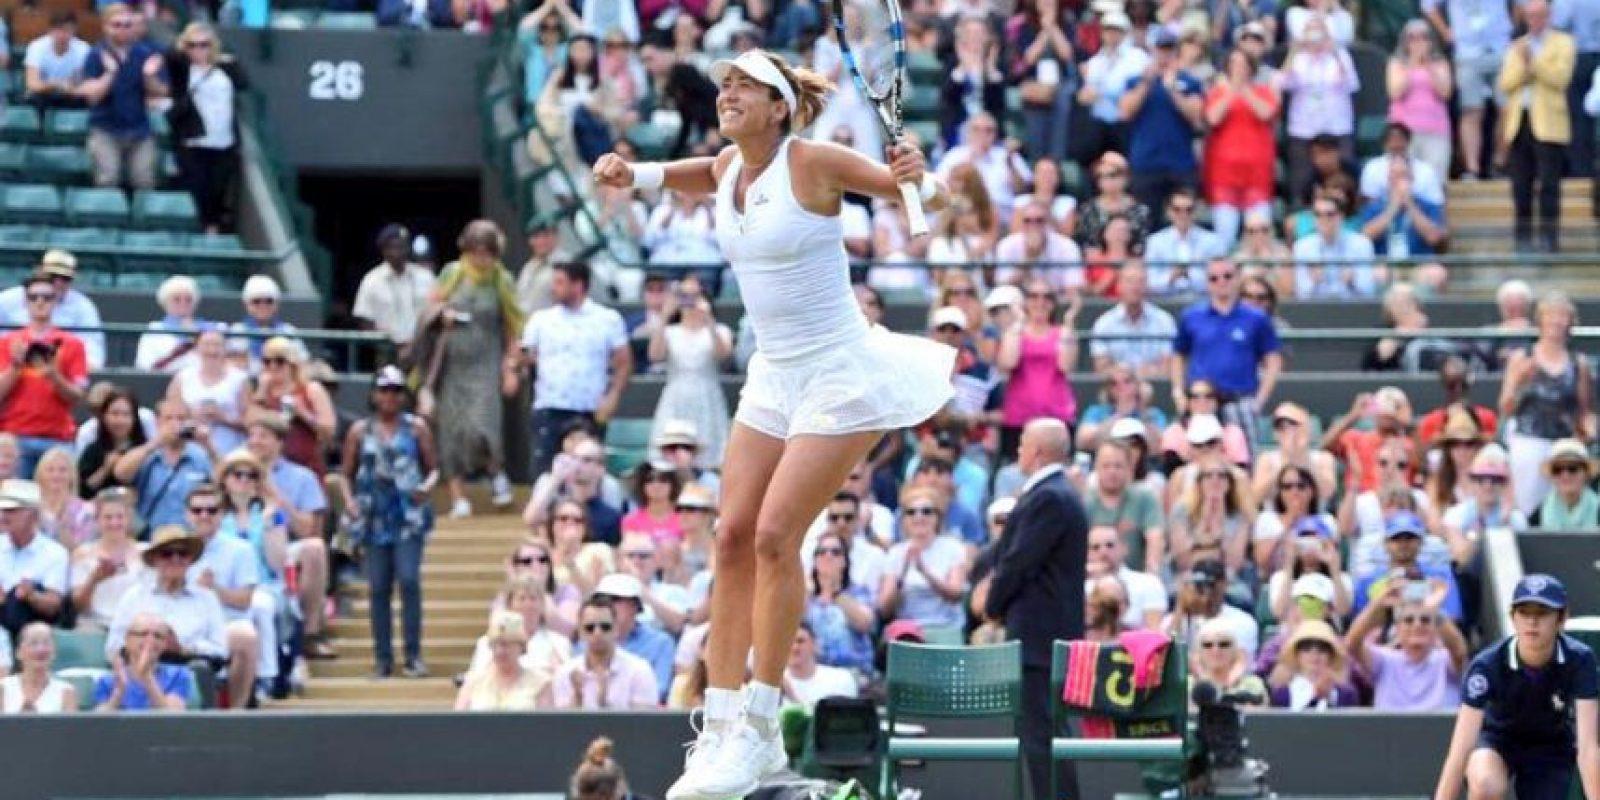 Es la cuarta mujer española que llega a la final de Wimbledon Foto:Getty Images